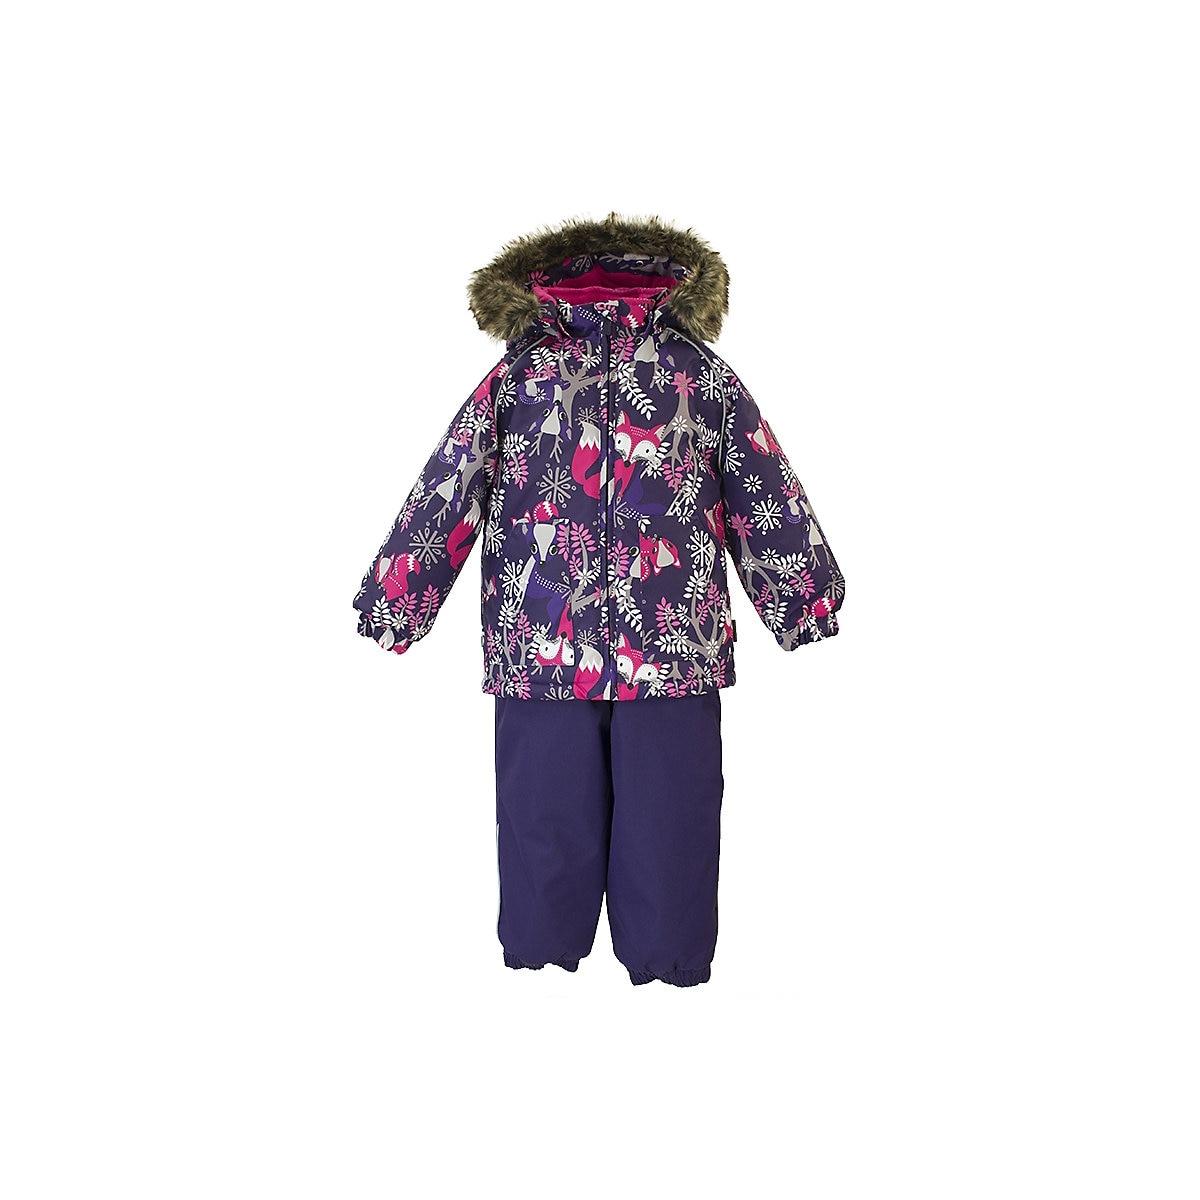 Ensembles pour enfants HUPPA pour filles 8951850 survêtement d'hiver enfants vêtements chauds